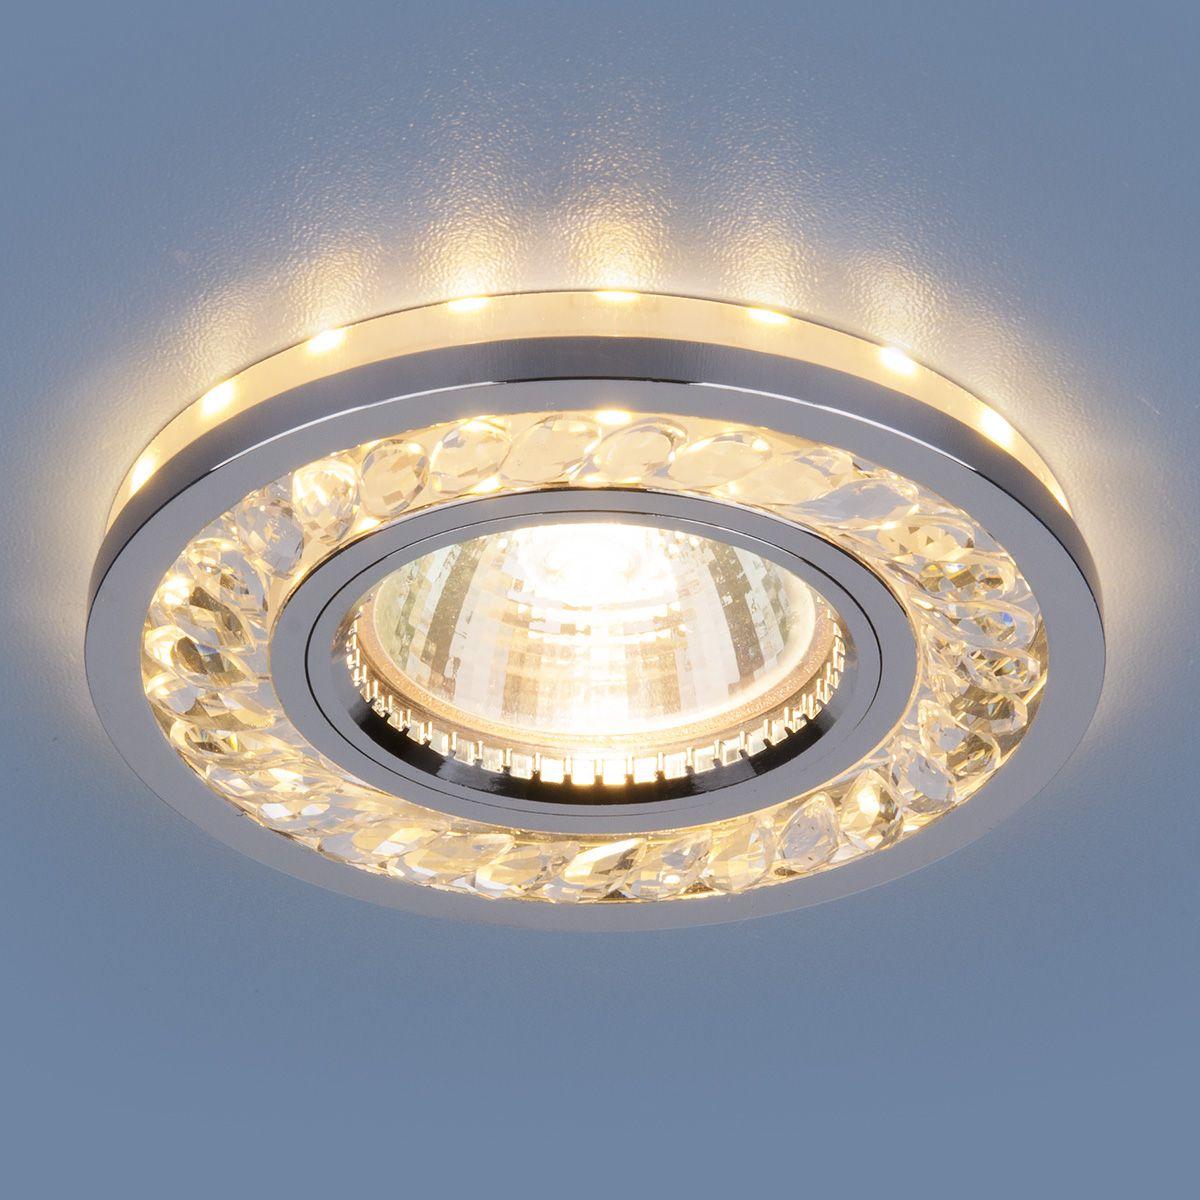 Точечный светильник с LED подсветкой 8355 MR16 CL/CH прозрачный/хром